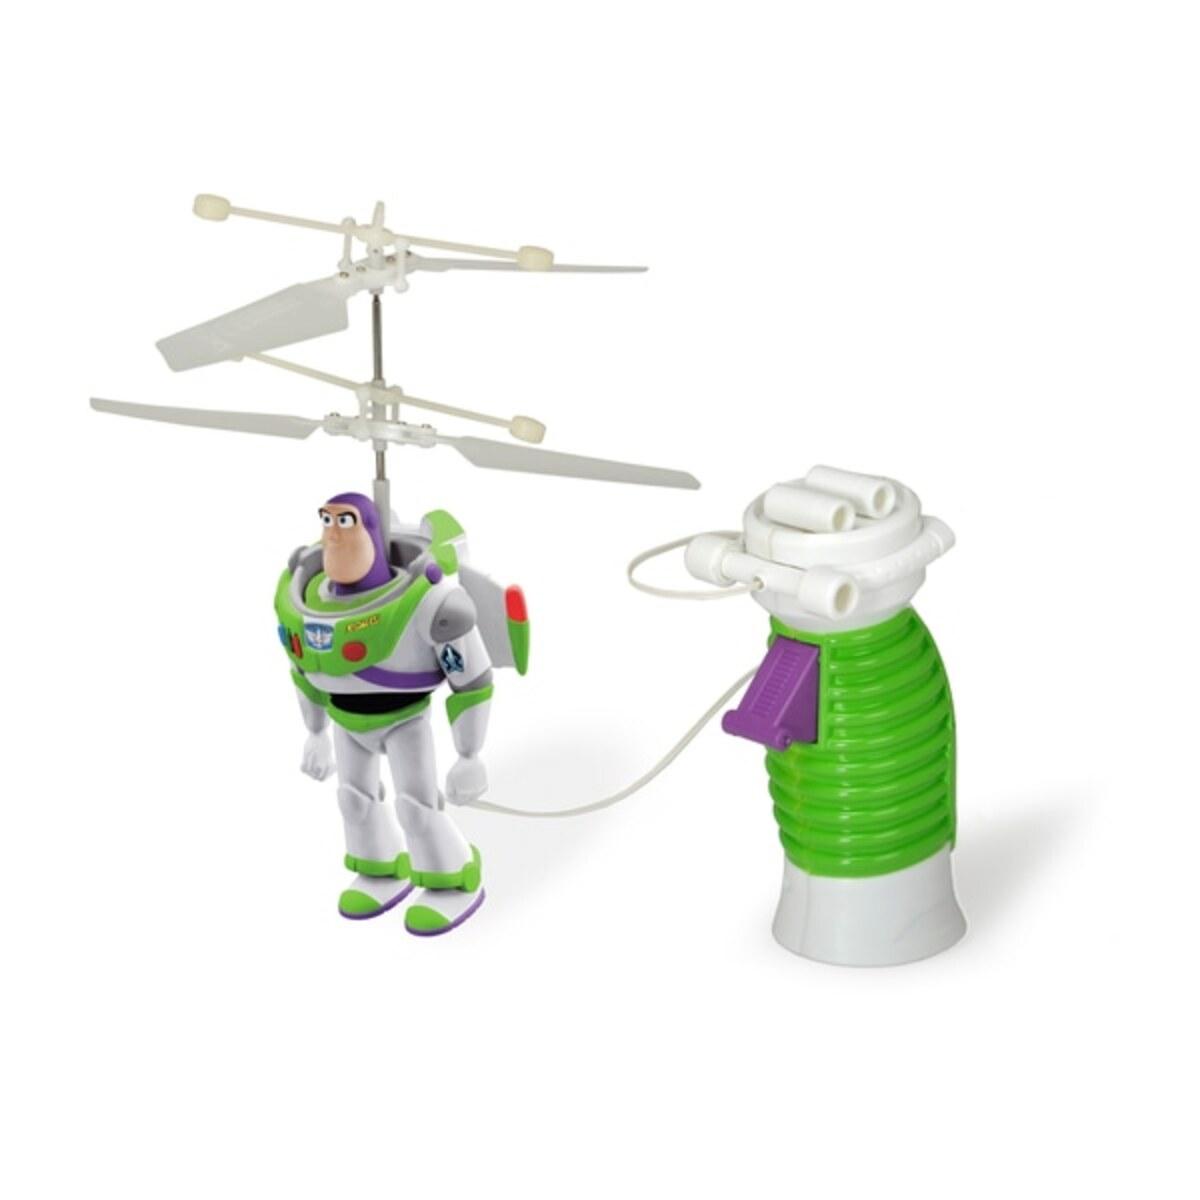 Bild 5 von Toy Story 4 - RC Fliegender Buzz